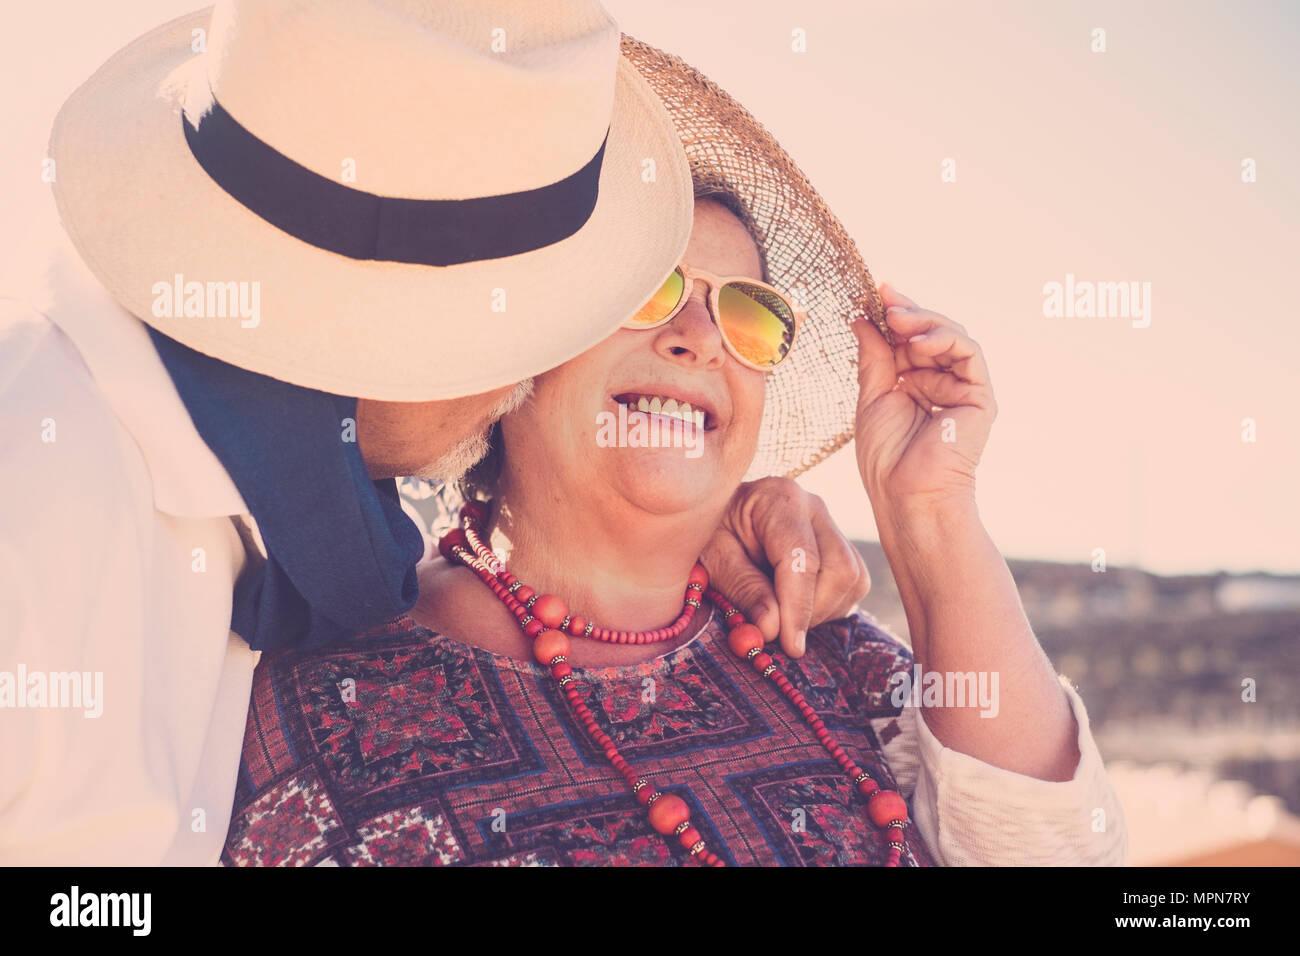 Adulti soggiorno insieme con il bacio e abbraccio sotto il sole con cappelli e occhiali da sole e collana. Il vero amore per sempre insieme concetto Immagini Stock